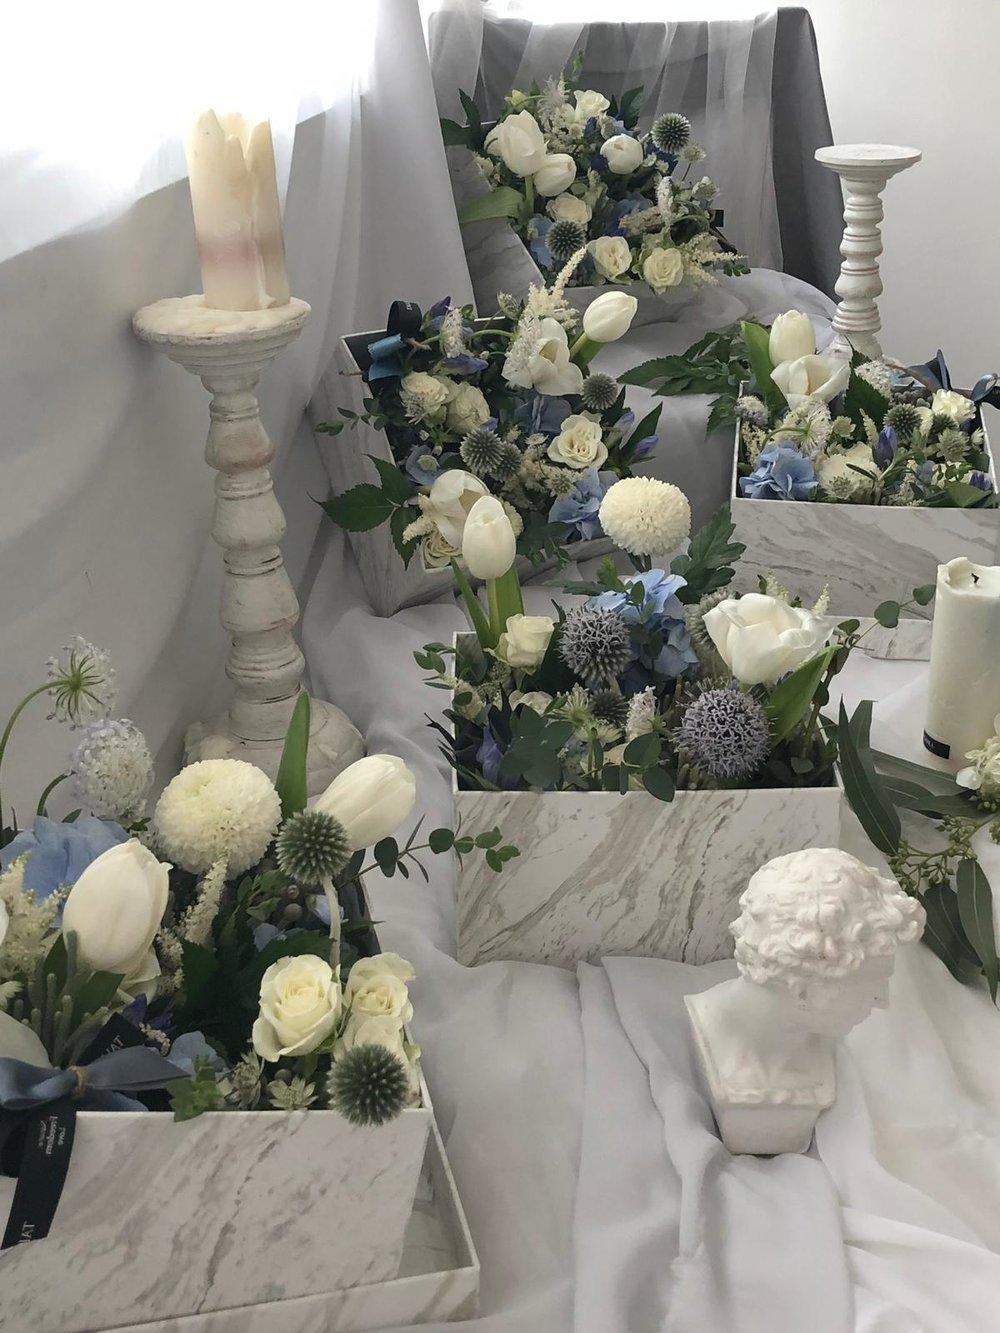 韓式花盒工作坊 - 課程簡介:導師會由認識花材開始,教授學員花與花間的層次概念、花材處理、配色、選花、及束花、插花等知識技巧,學員即可輕鬆地製作獨一無二的韓式花盒。時間:1) 2月3日, 2:30pm – 5pm2) 2月3日, 6pm – 8:30pm3) 2月10日, 2:30pm – 5pm4) 2月10日, 6pm – 8:30pm5) 2月17日, 2:30pm – 5pm6) 2月17日, 6pm – 8:30pm7) 2月24日, 2pm – 4:30pm8) 2月24日, 5:30pm – 8pm費用:HK$499